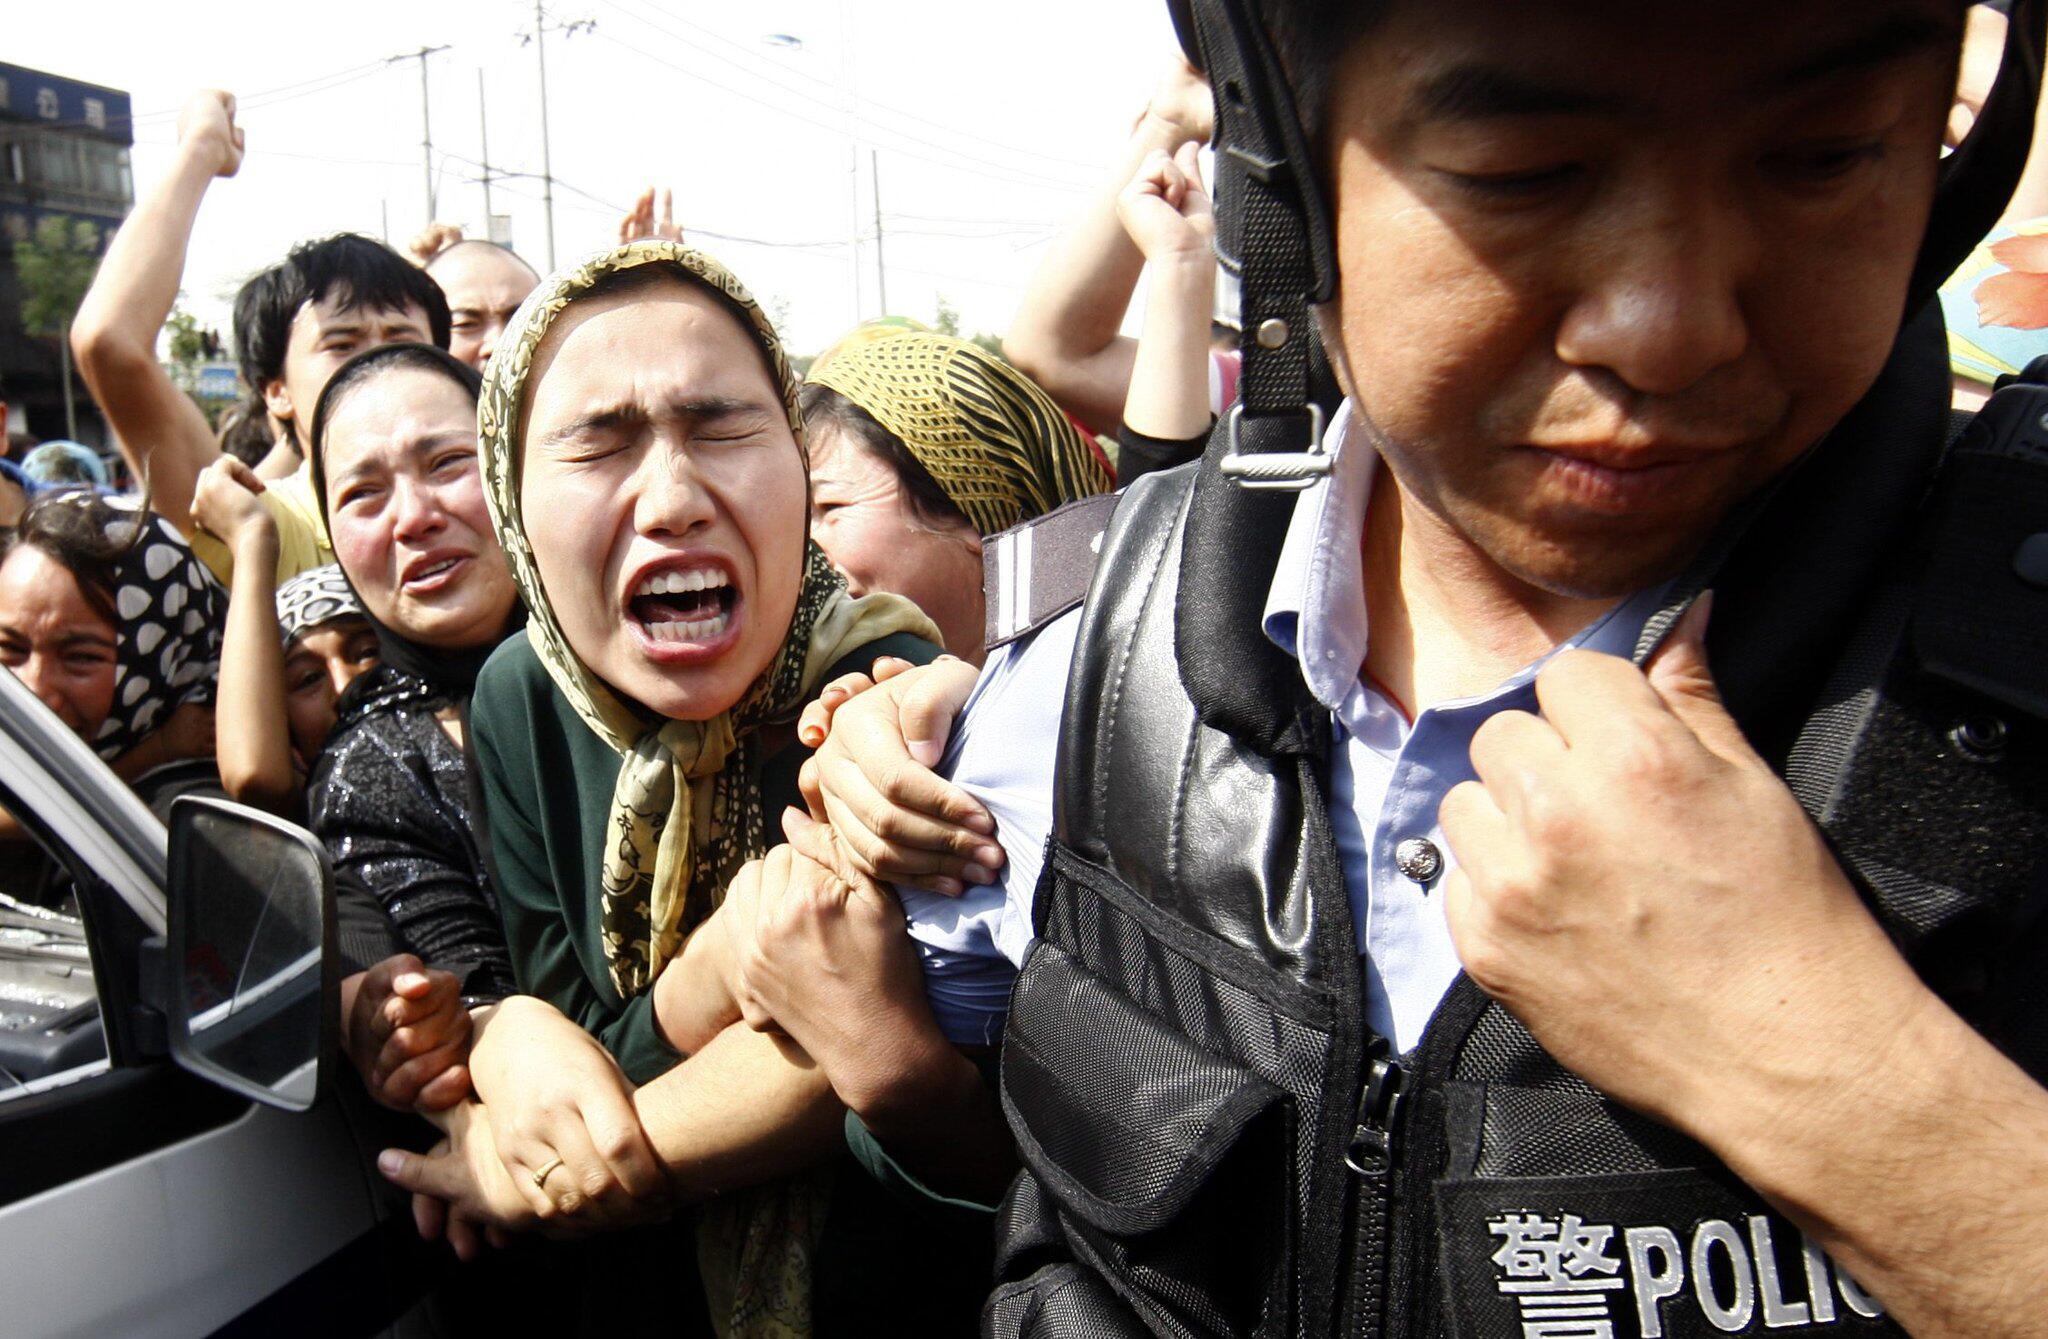 Bild zu Uiguren, Polizei, China, Polizist